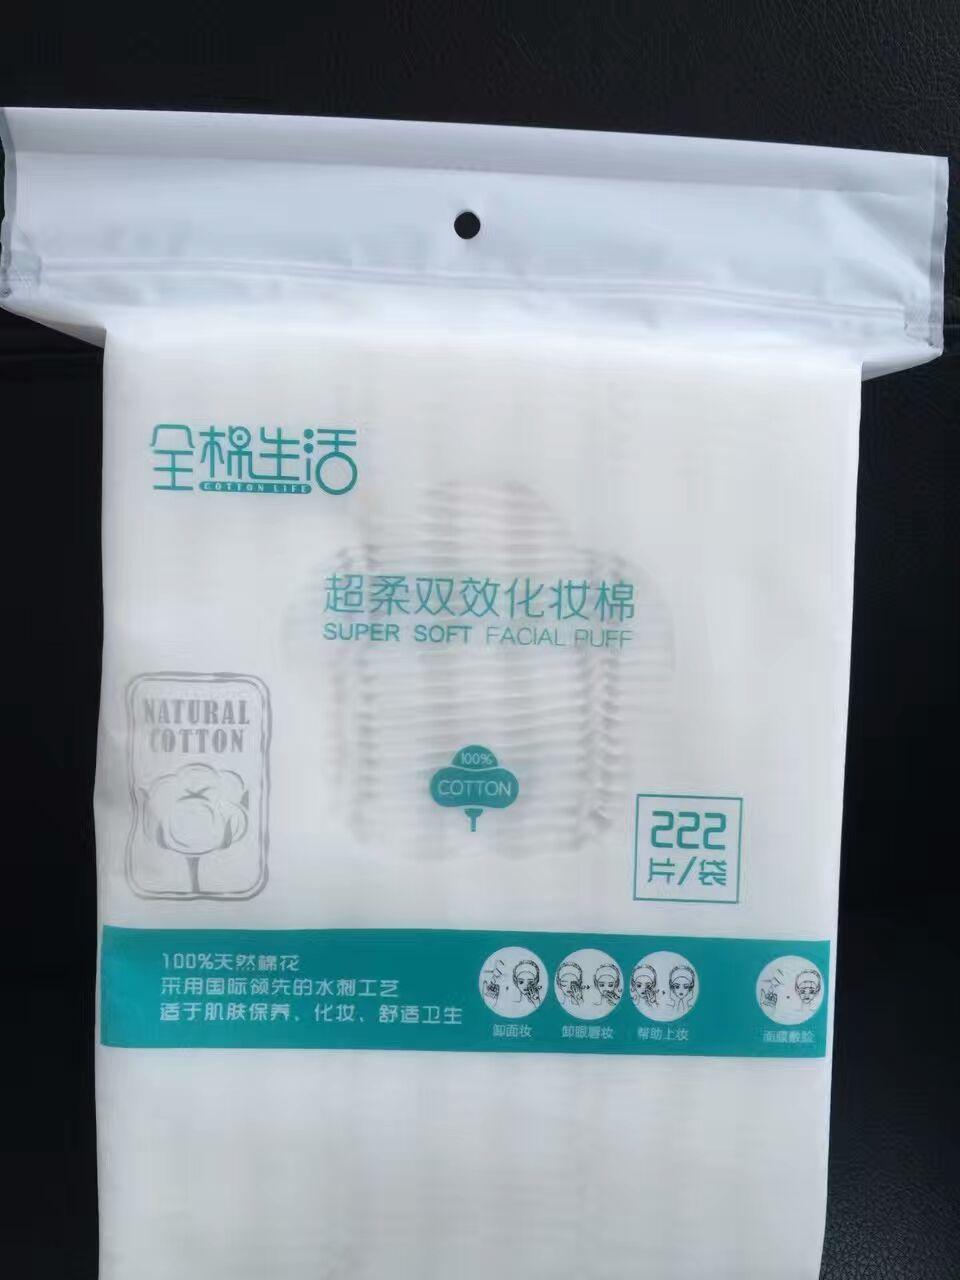 Square shape makeup cotton pad